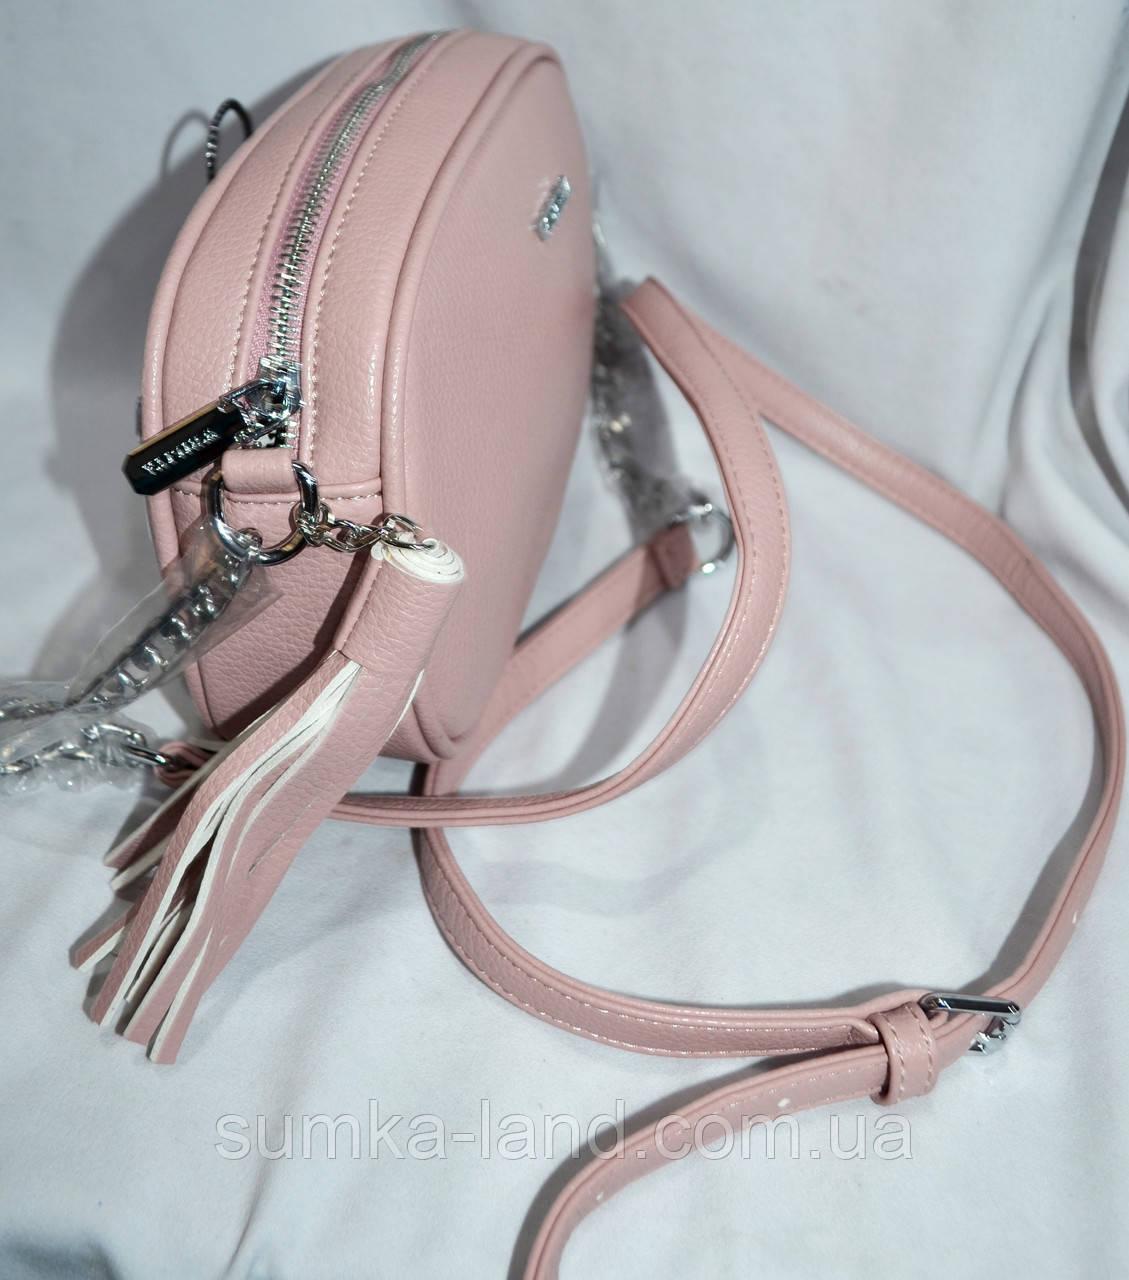 35d812ac79f4 ... Женский овальный клатч с кисточкой на ремешке 22*15 см серый, фото 3